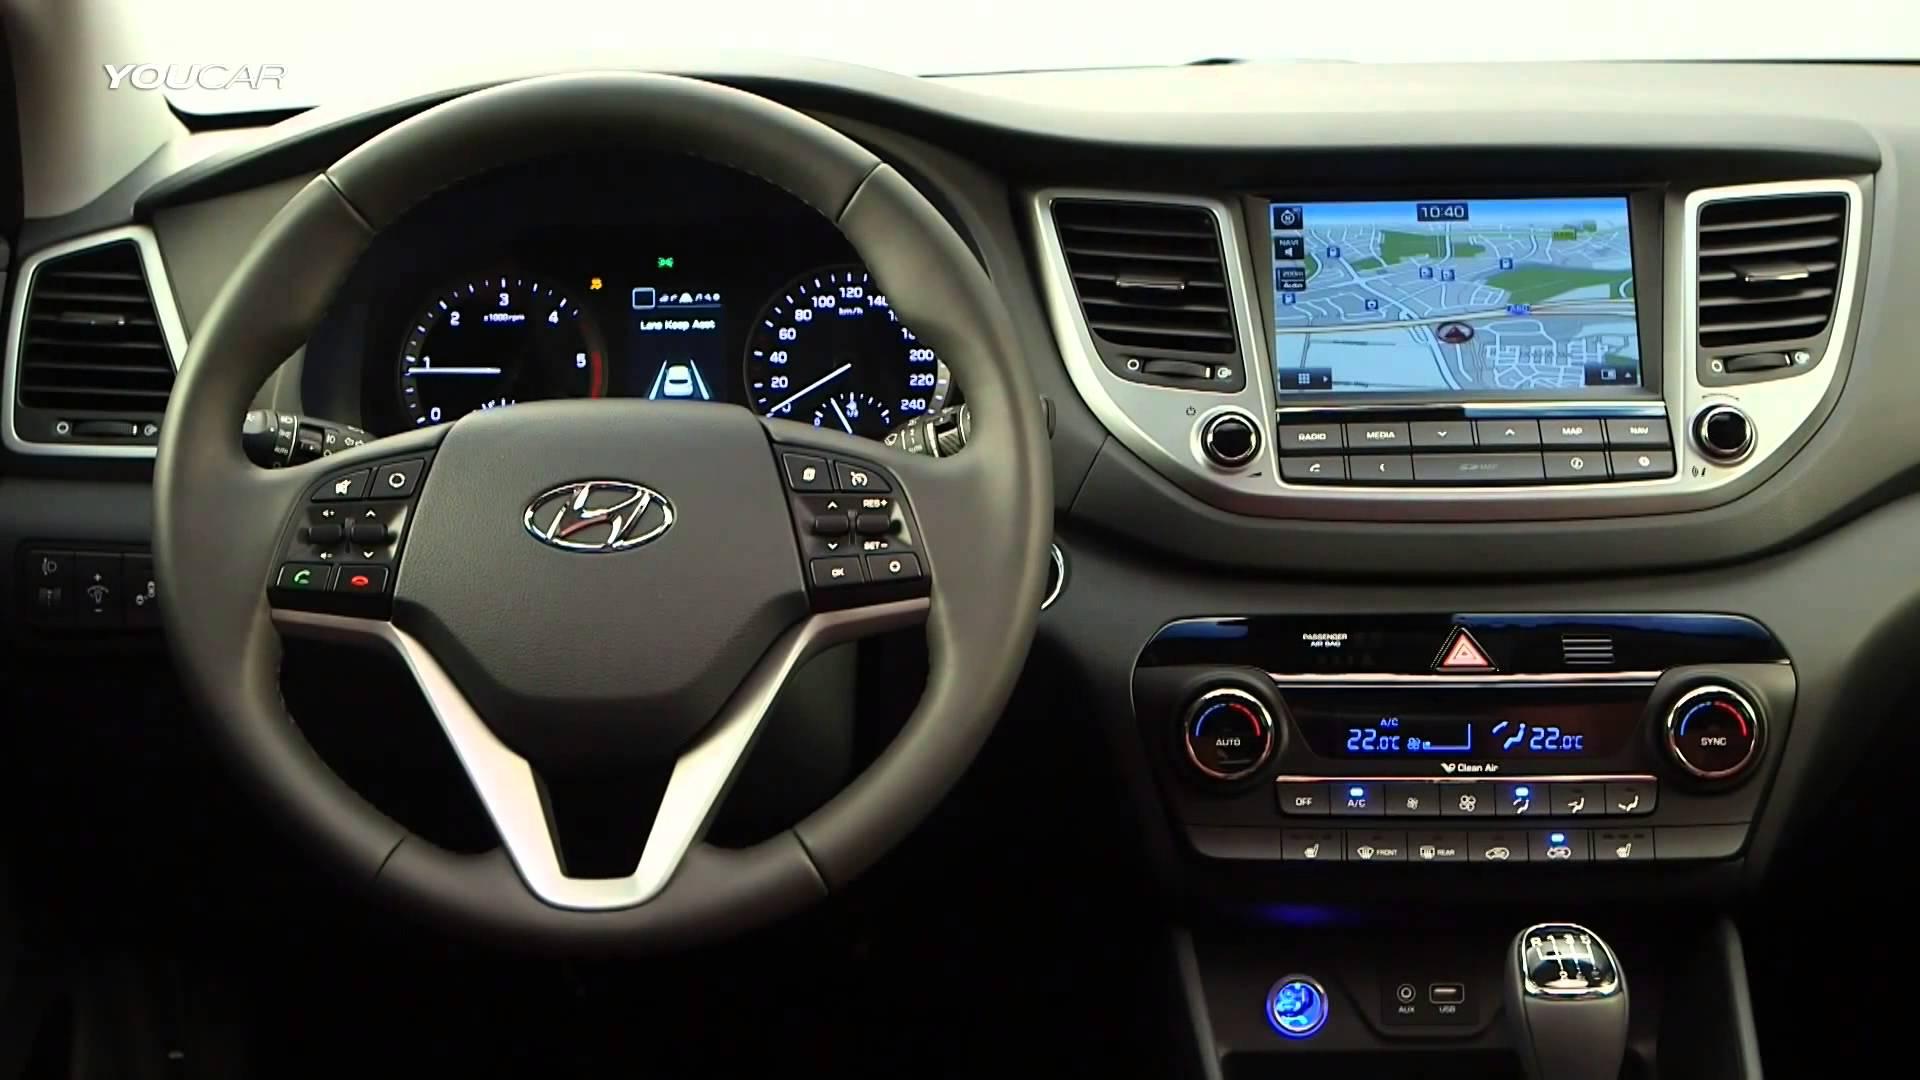 Oil reset blog archive 2016 hyundai tucson service - Hyundai tucson interior pictures ...